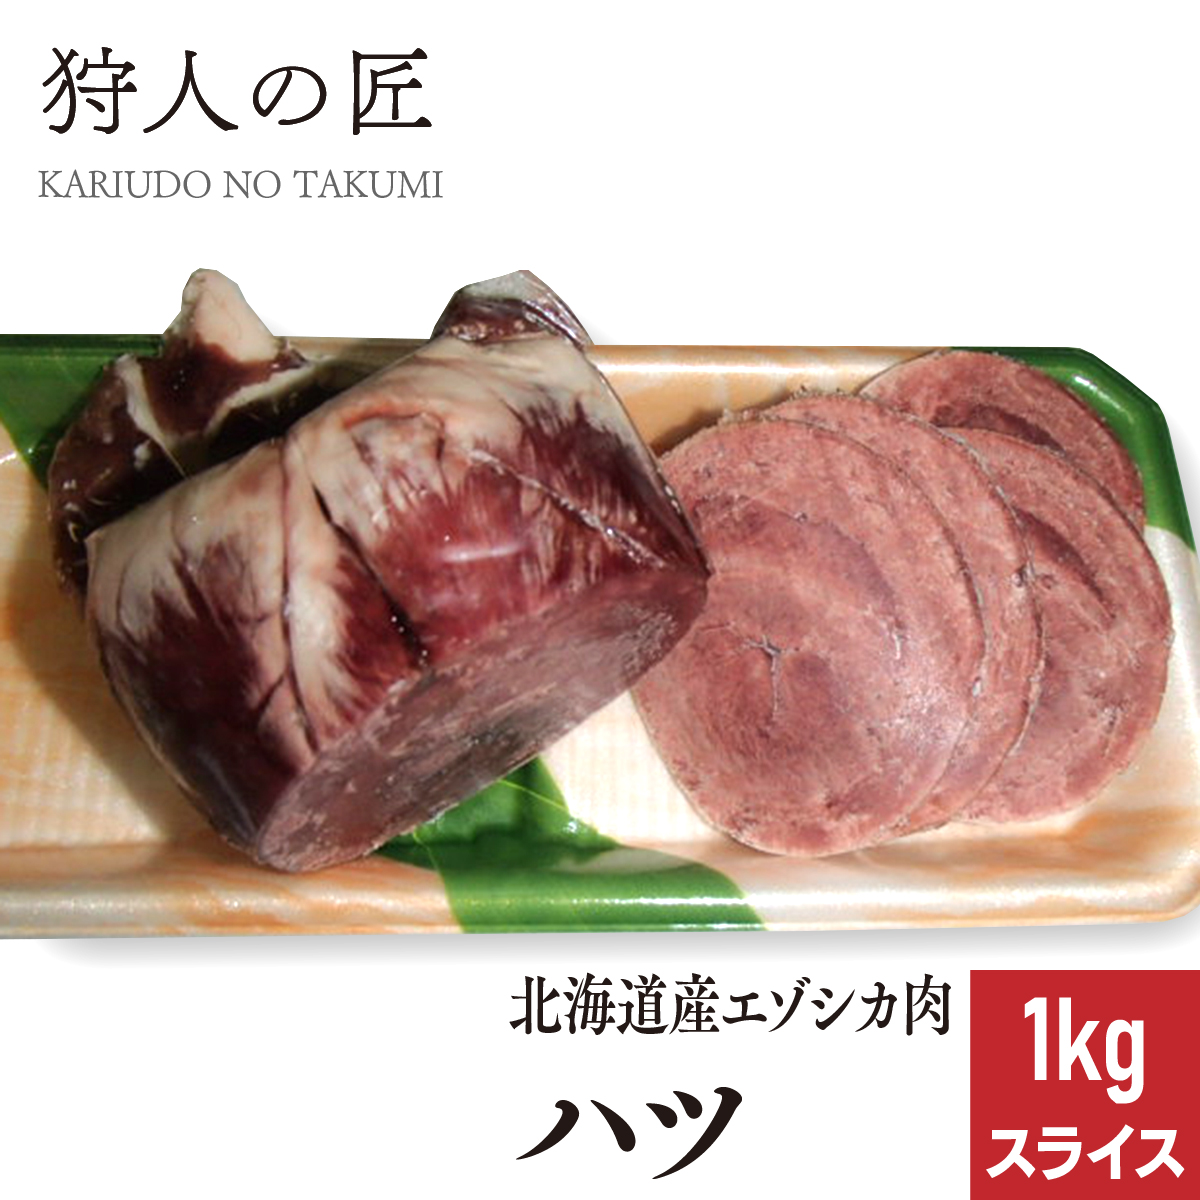 鹿肉はとってもヘルシー 北海道稚内産 エゾ鹿肉 お得 ハツ 心臓 1kg エゾシカ肉 無添加 限定モデル ジビエ えぞしか肉 スライス 蝦夷鹿肉